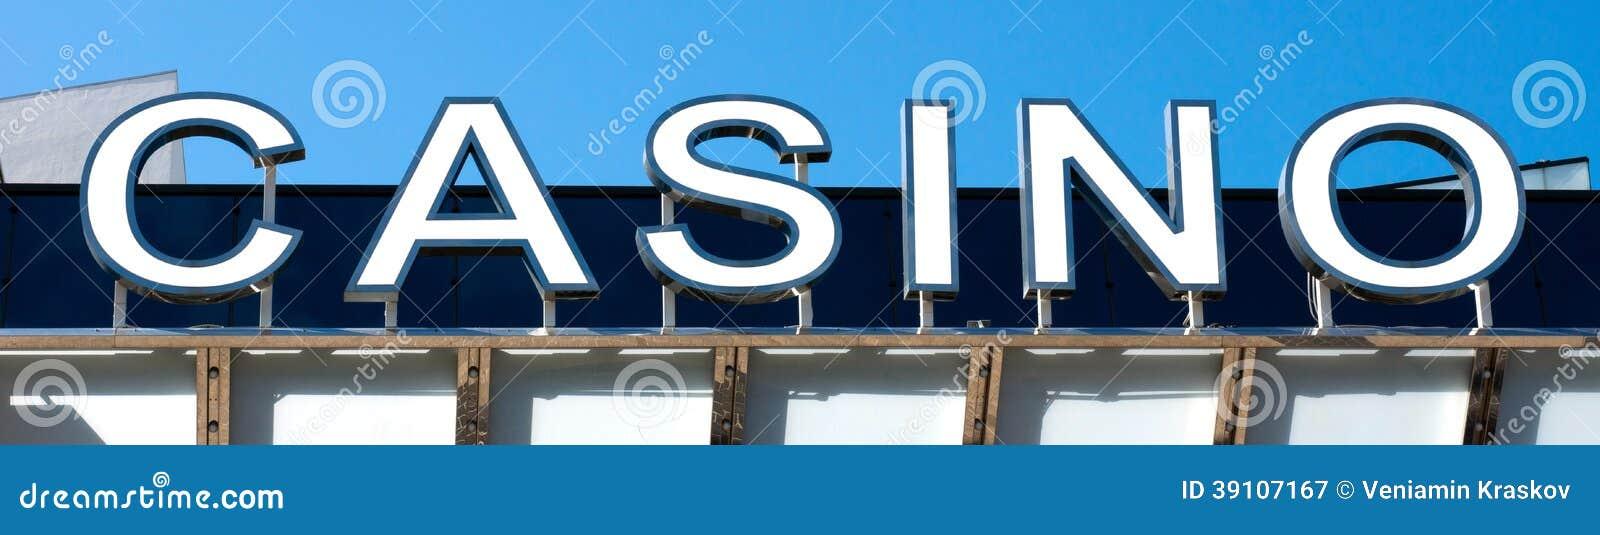 Casinoteken